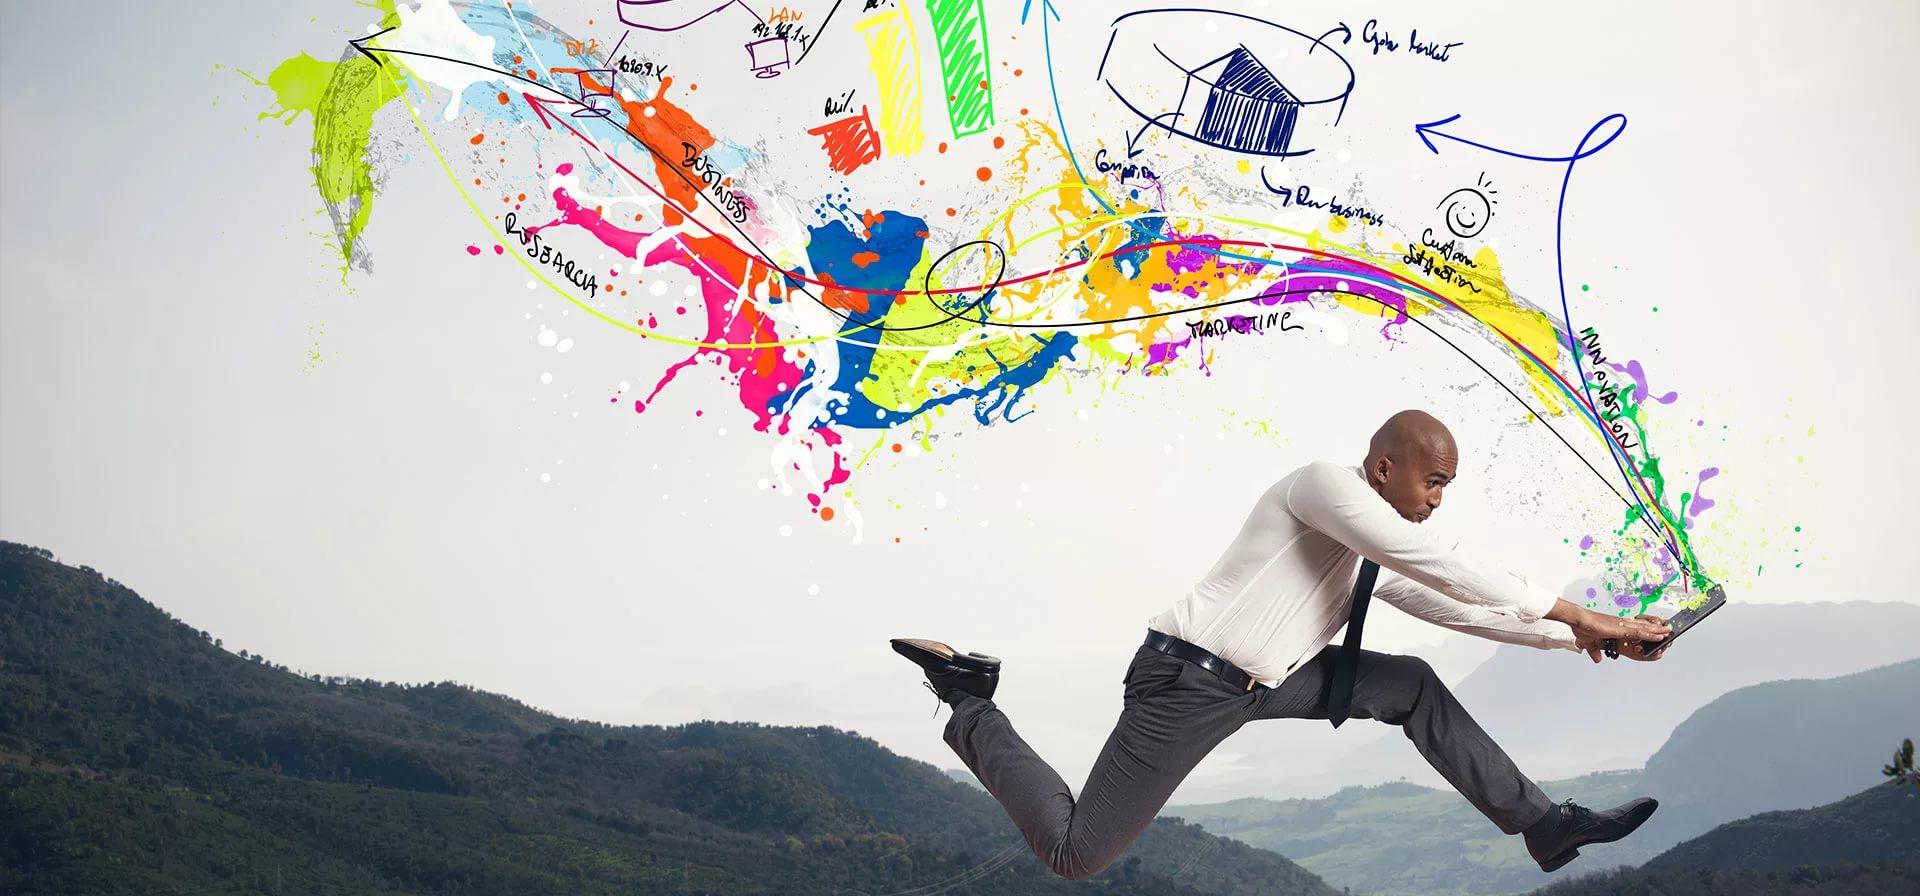 Что такое креативность?